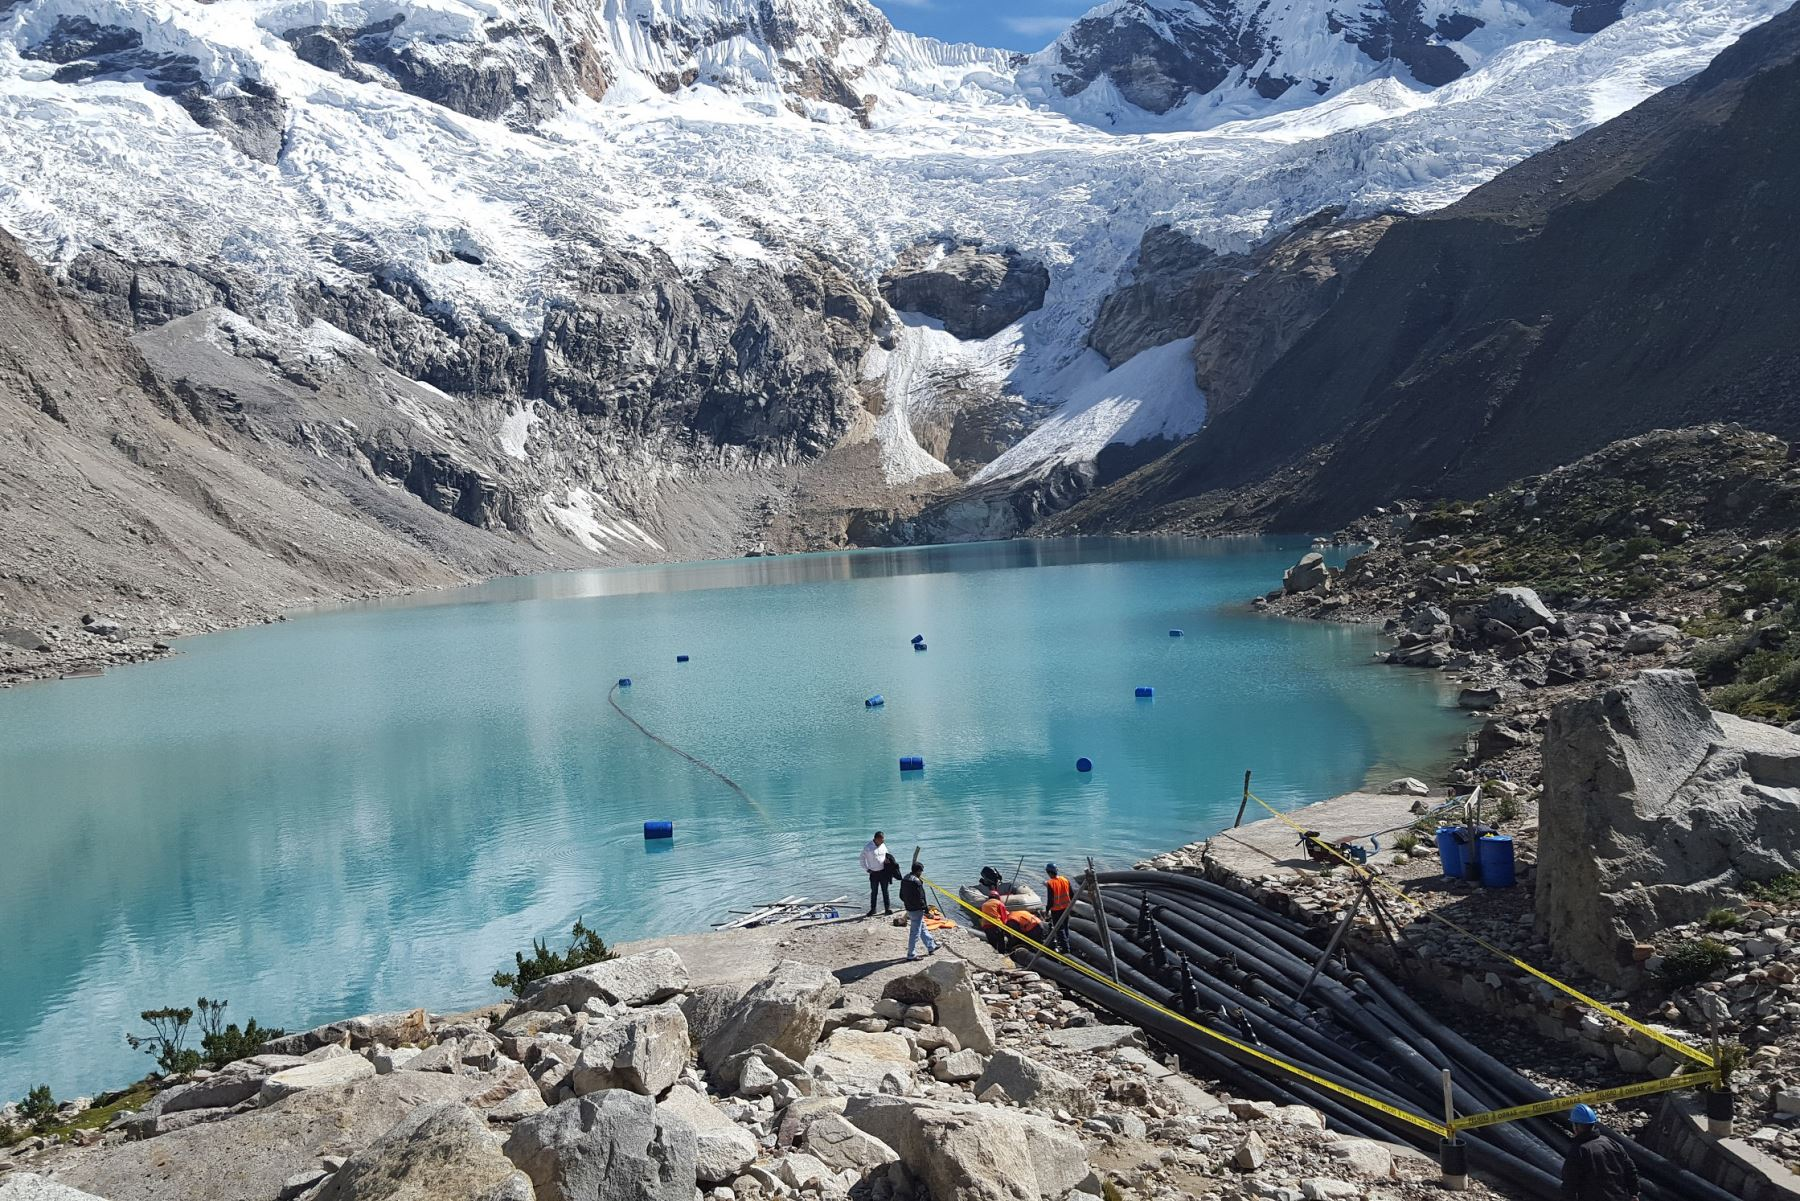 El Centro de Operaciones de Emergencia Regional (COER) Áncash confirmó hoy el desprendimiento de un bloque de hielo del nevado Pucaranra.